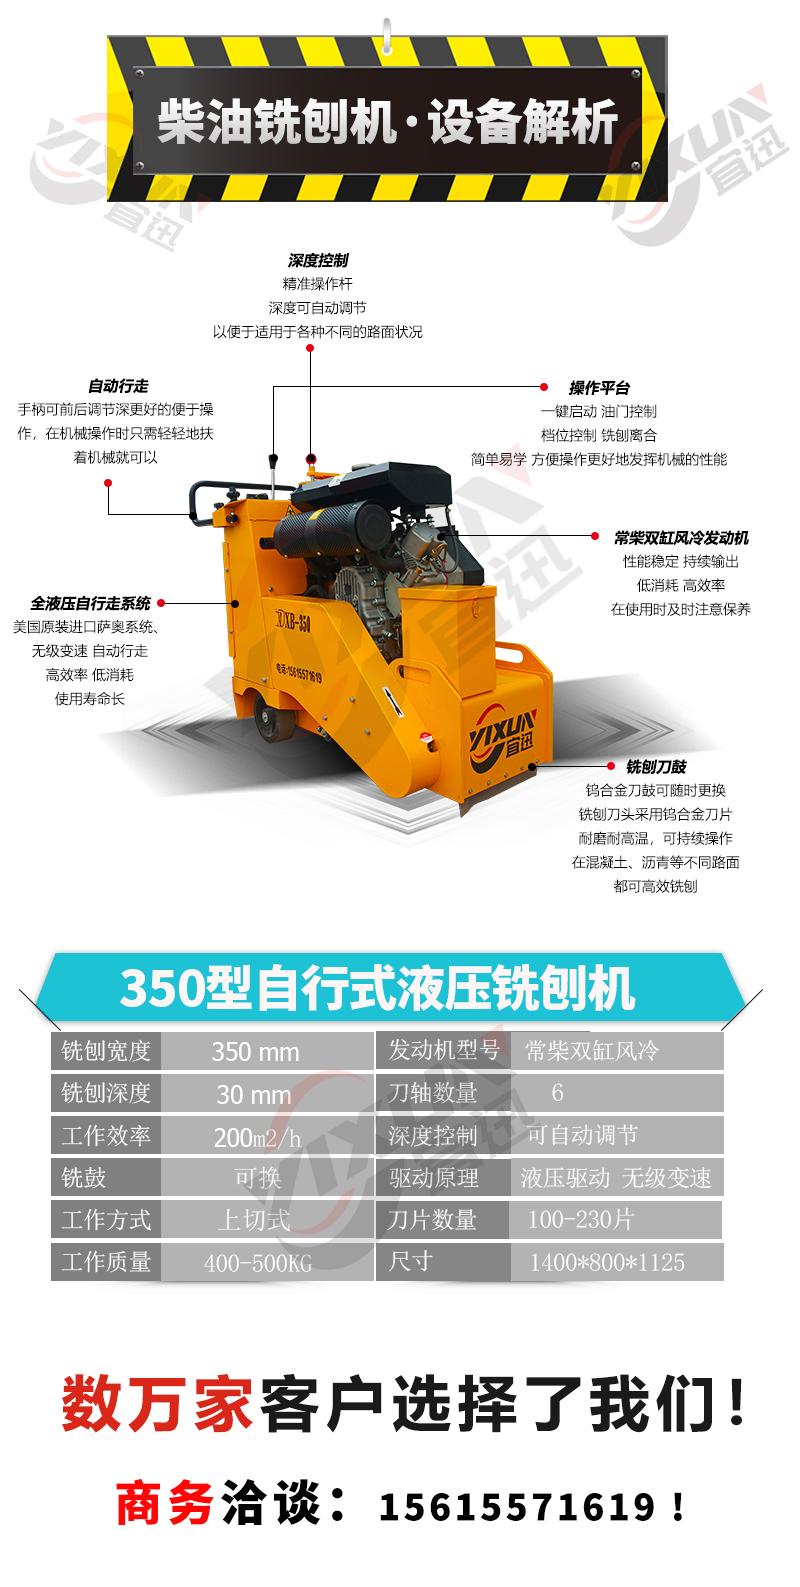 350柴油铣刨机参数解析